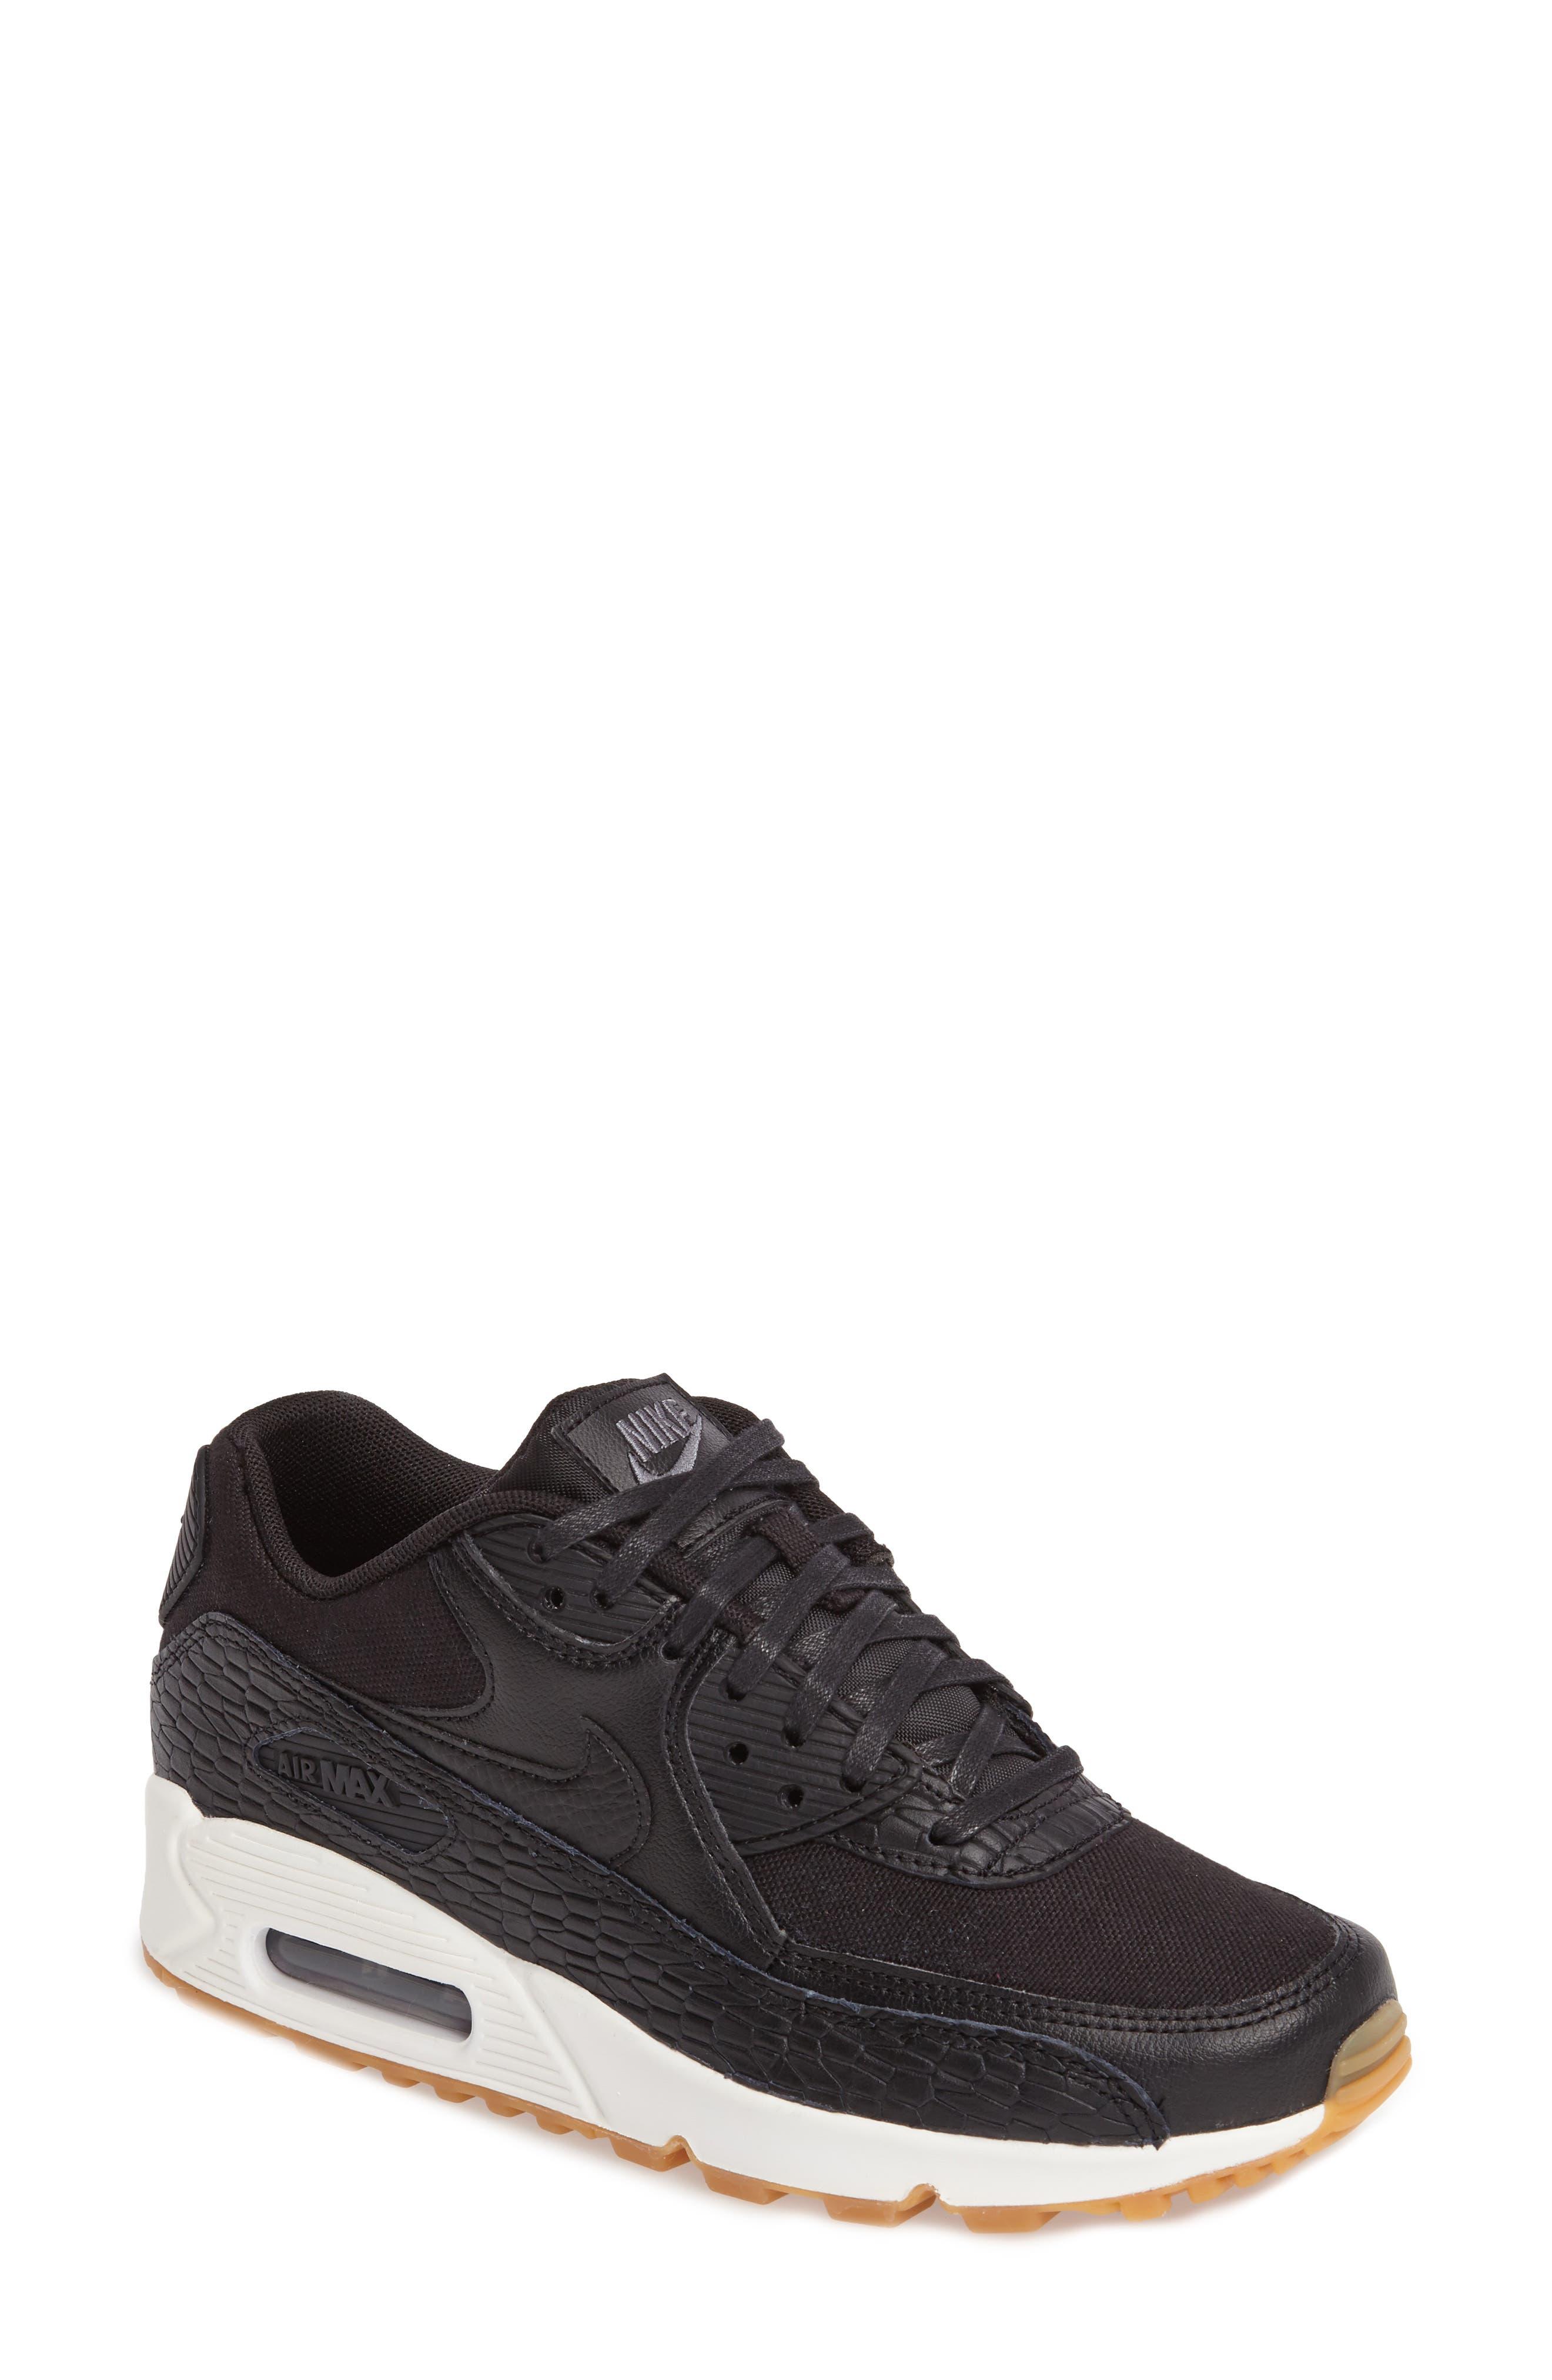 Air Max 90 Premium Leather Sneaker,                         Main,                         color, Black/ Dark Grey/ Ivory